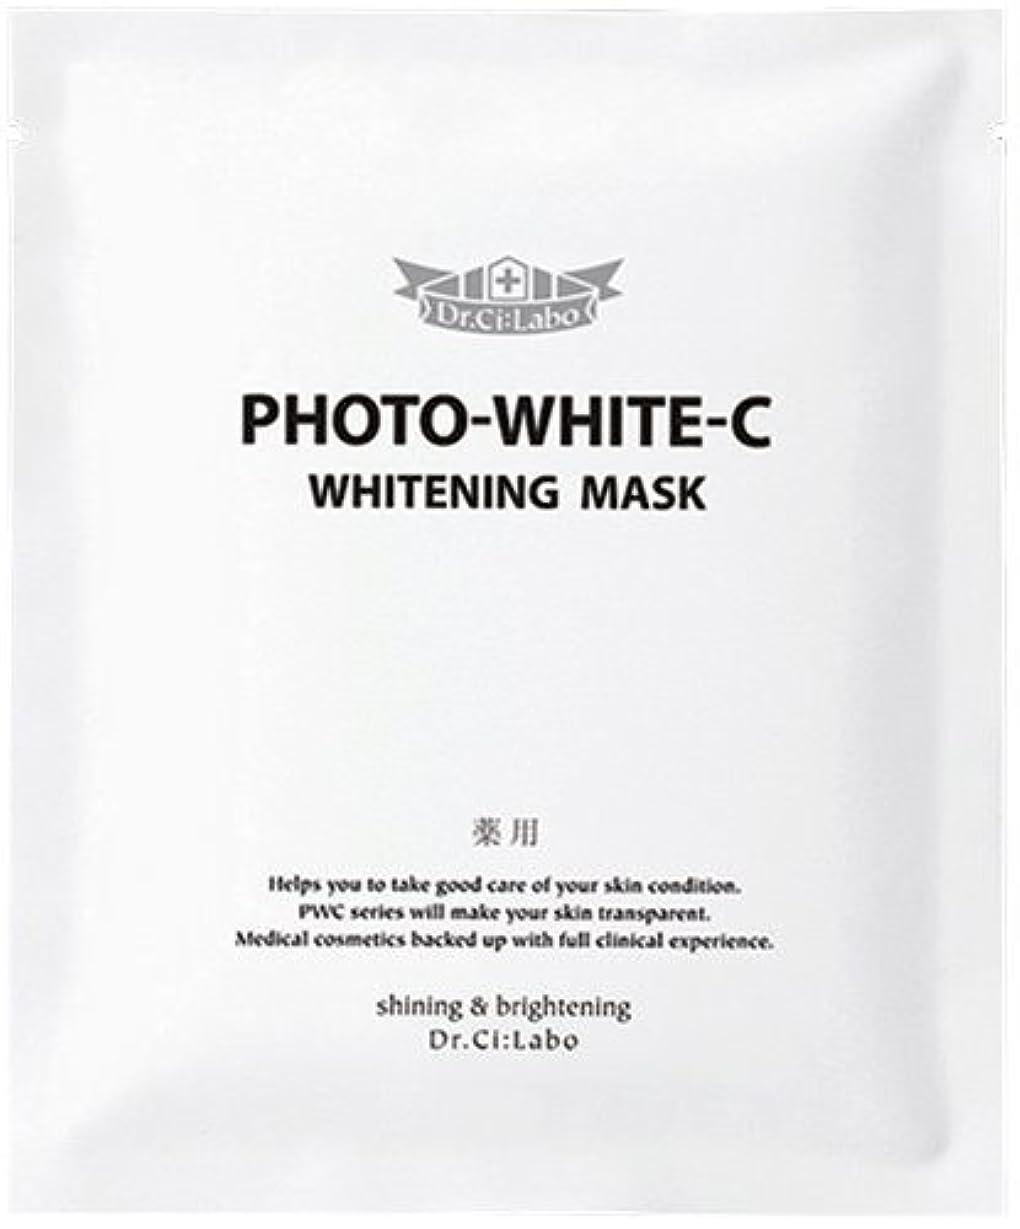 のれん保存見出し【ドクターシーラボ】薬用フォトホワイトCホワイトニングマスク 1枚